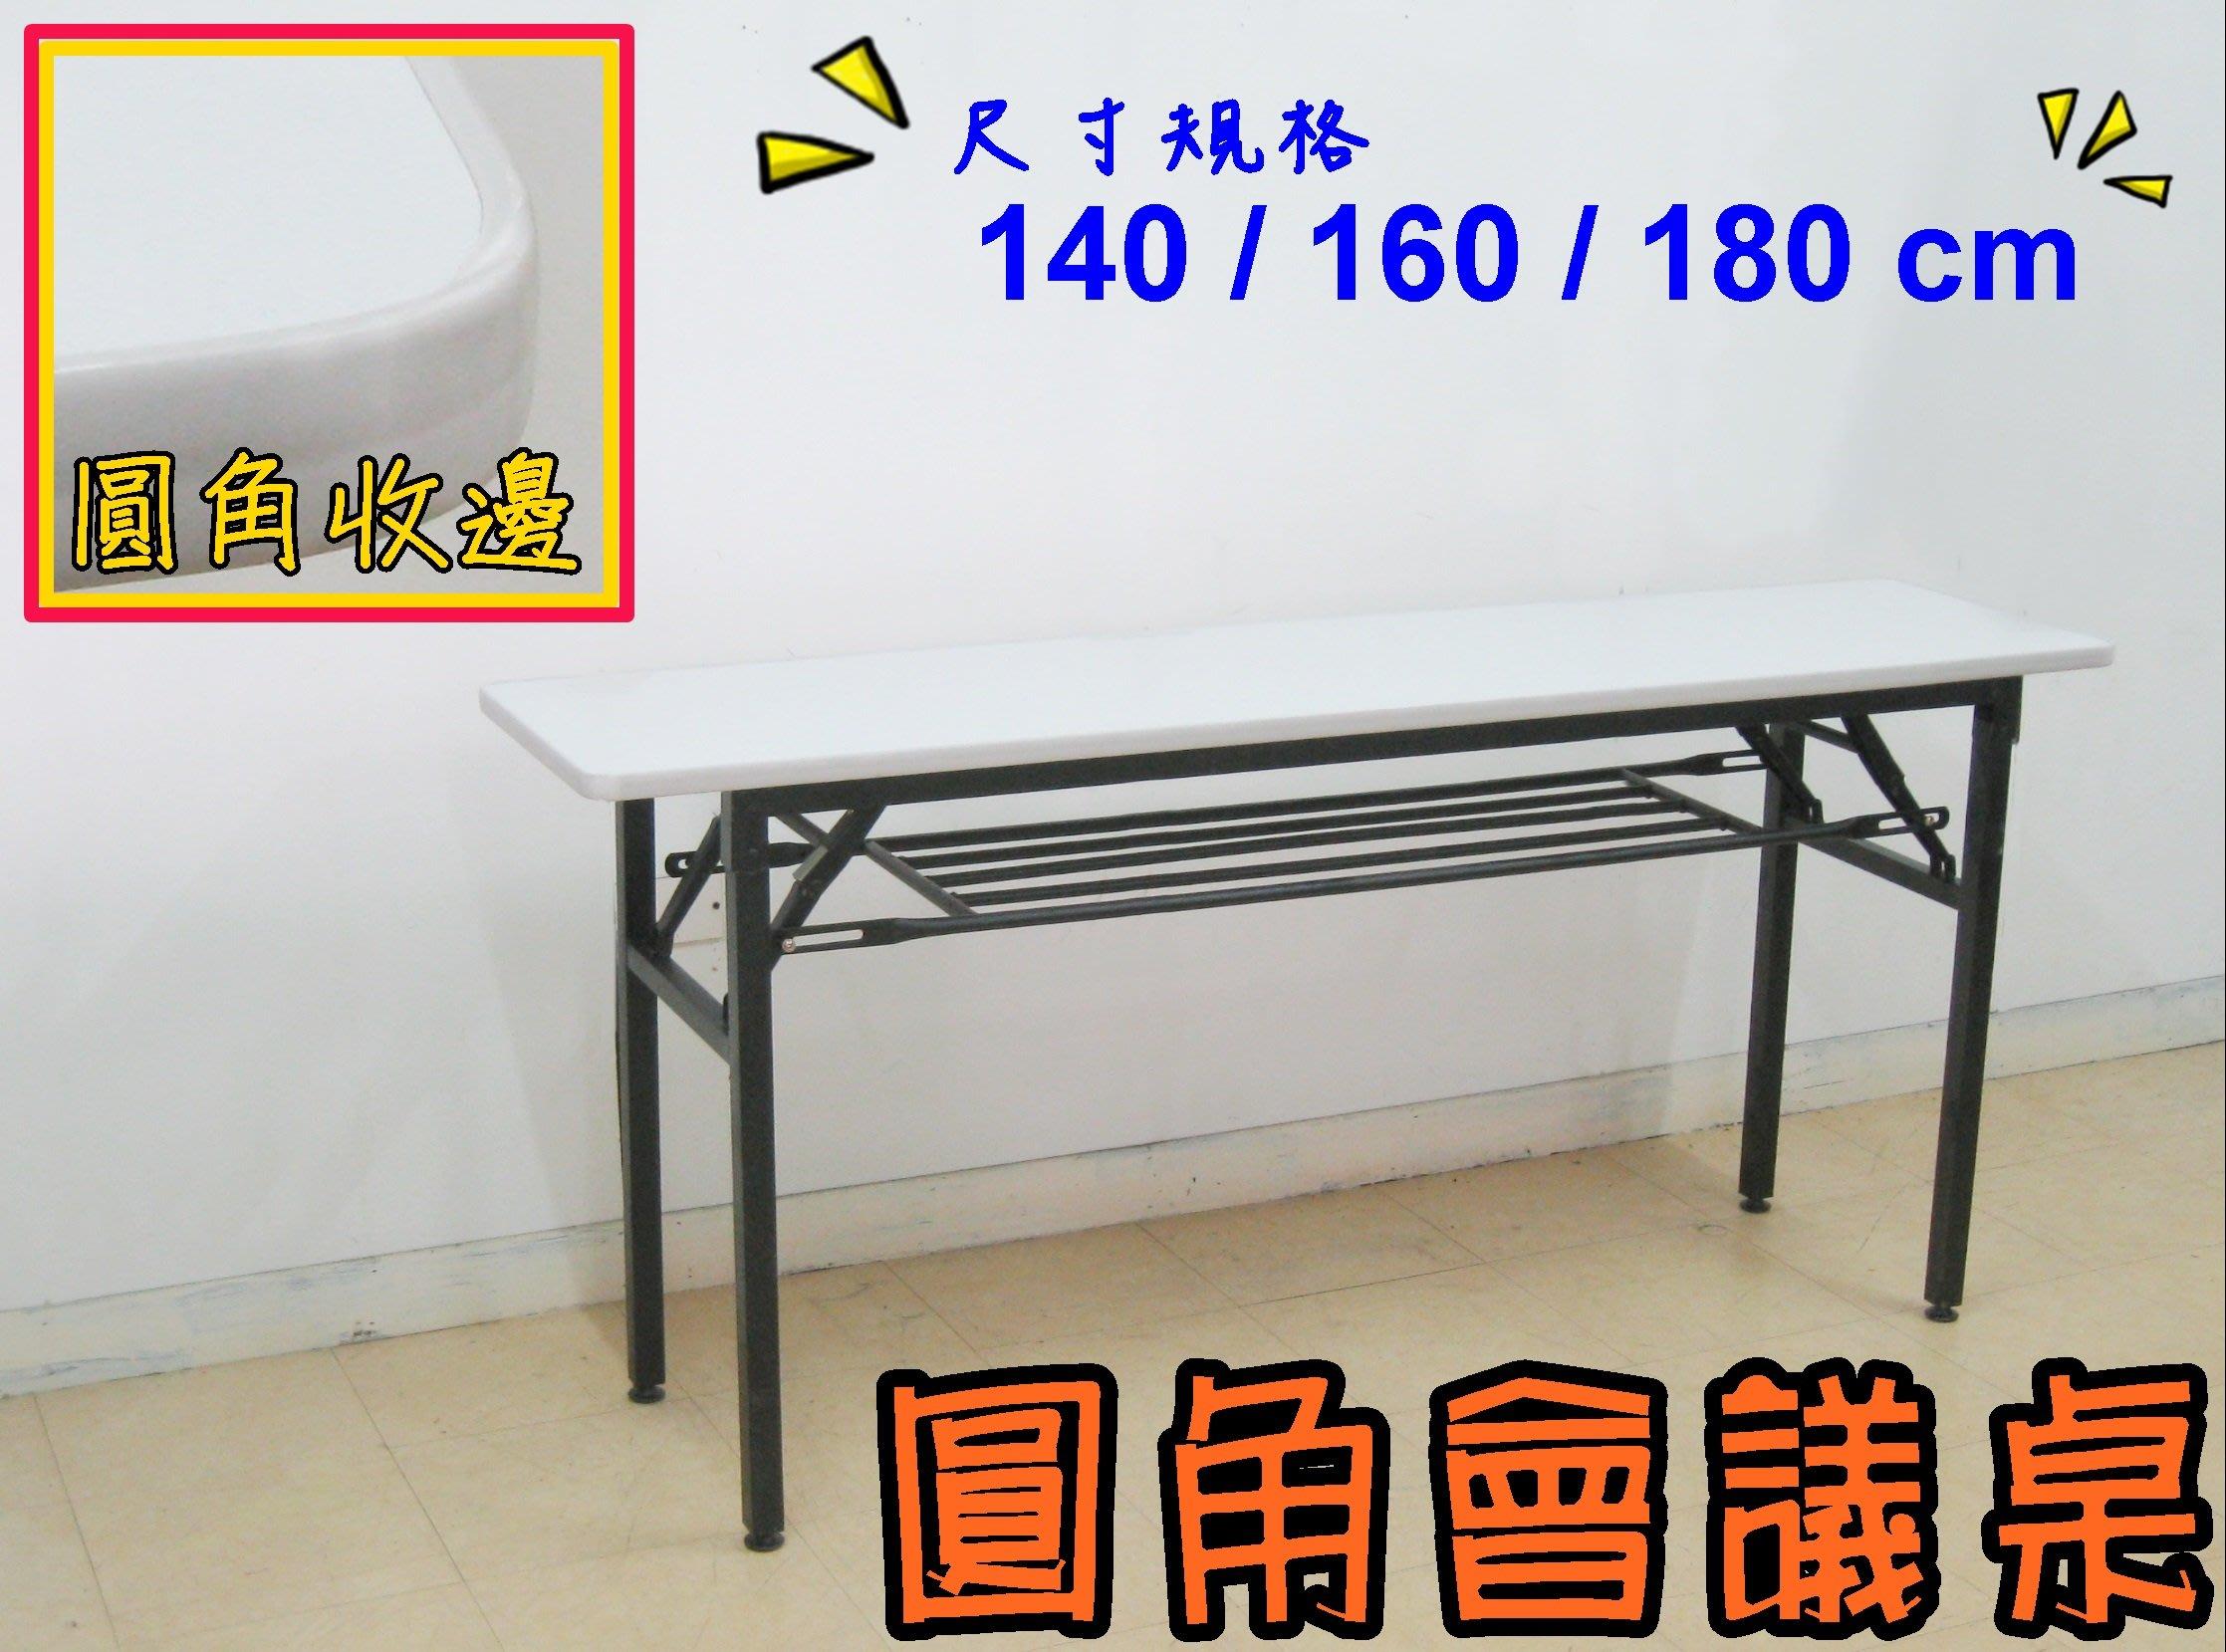 圓角會議桌 140cm 160cm 180cm  辦公桌 電腦桌 摺疊桌 折合桌 餐桌 課桌 補習班桌椅 擺攤桌 美甲桌